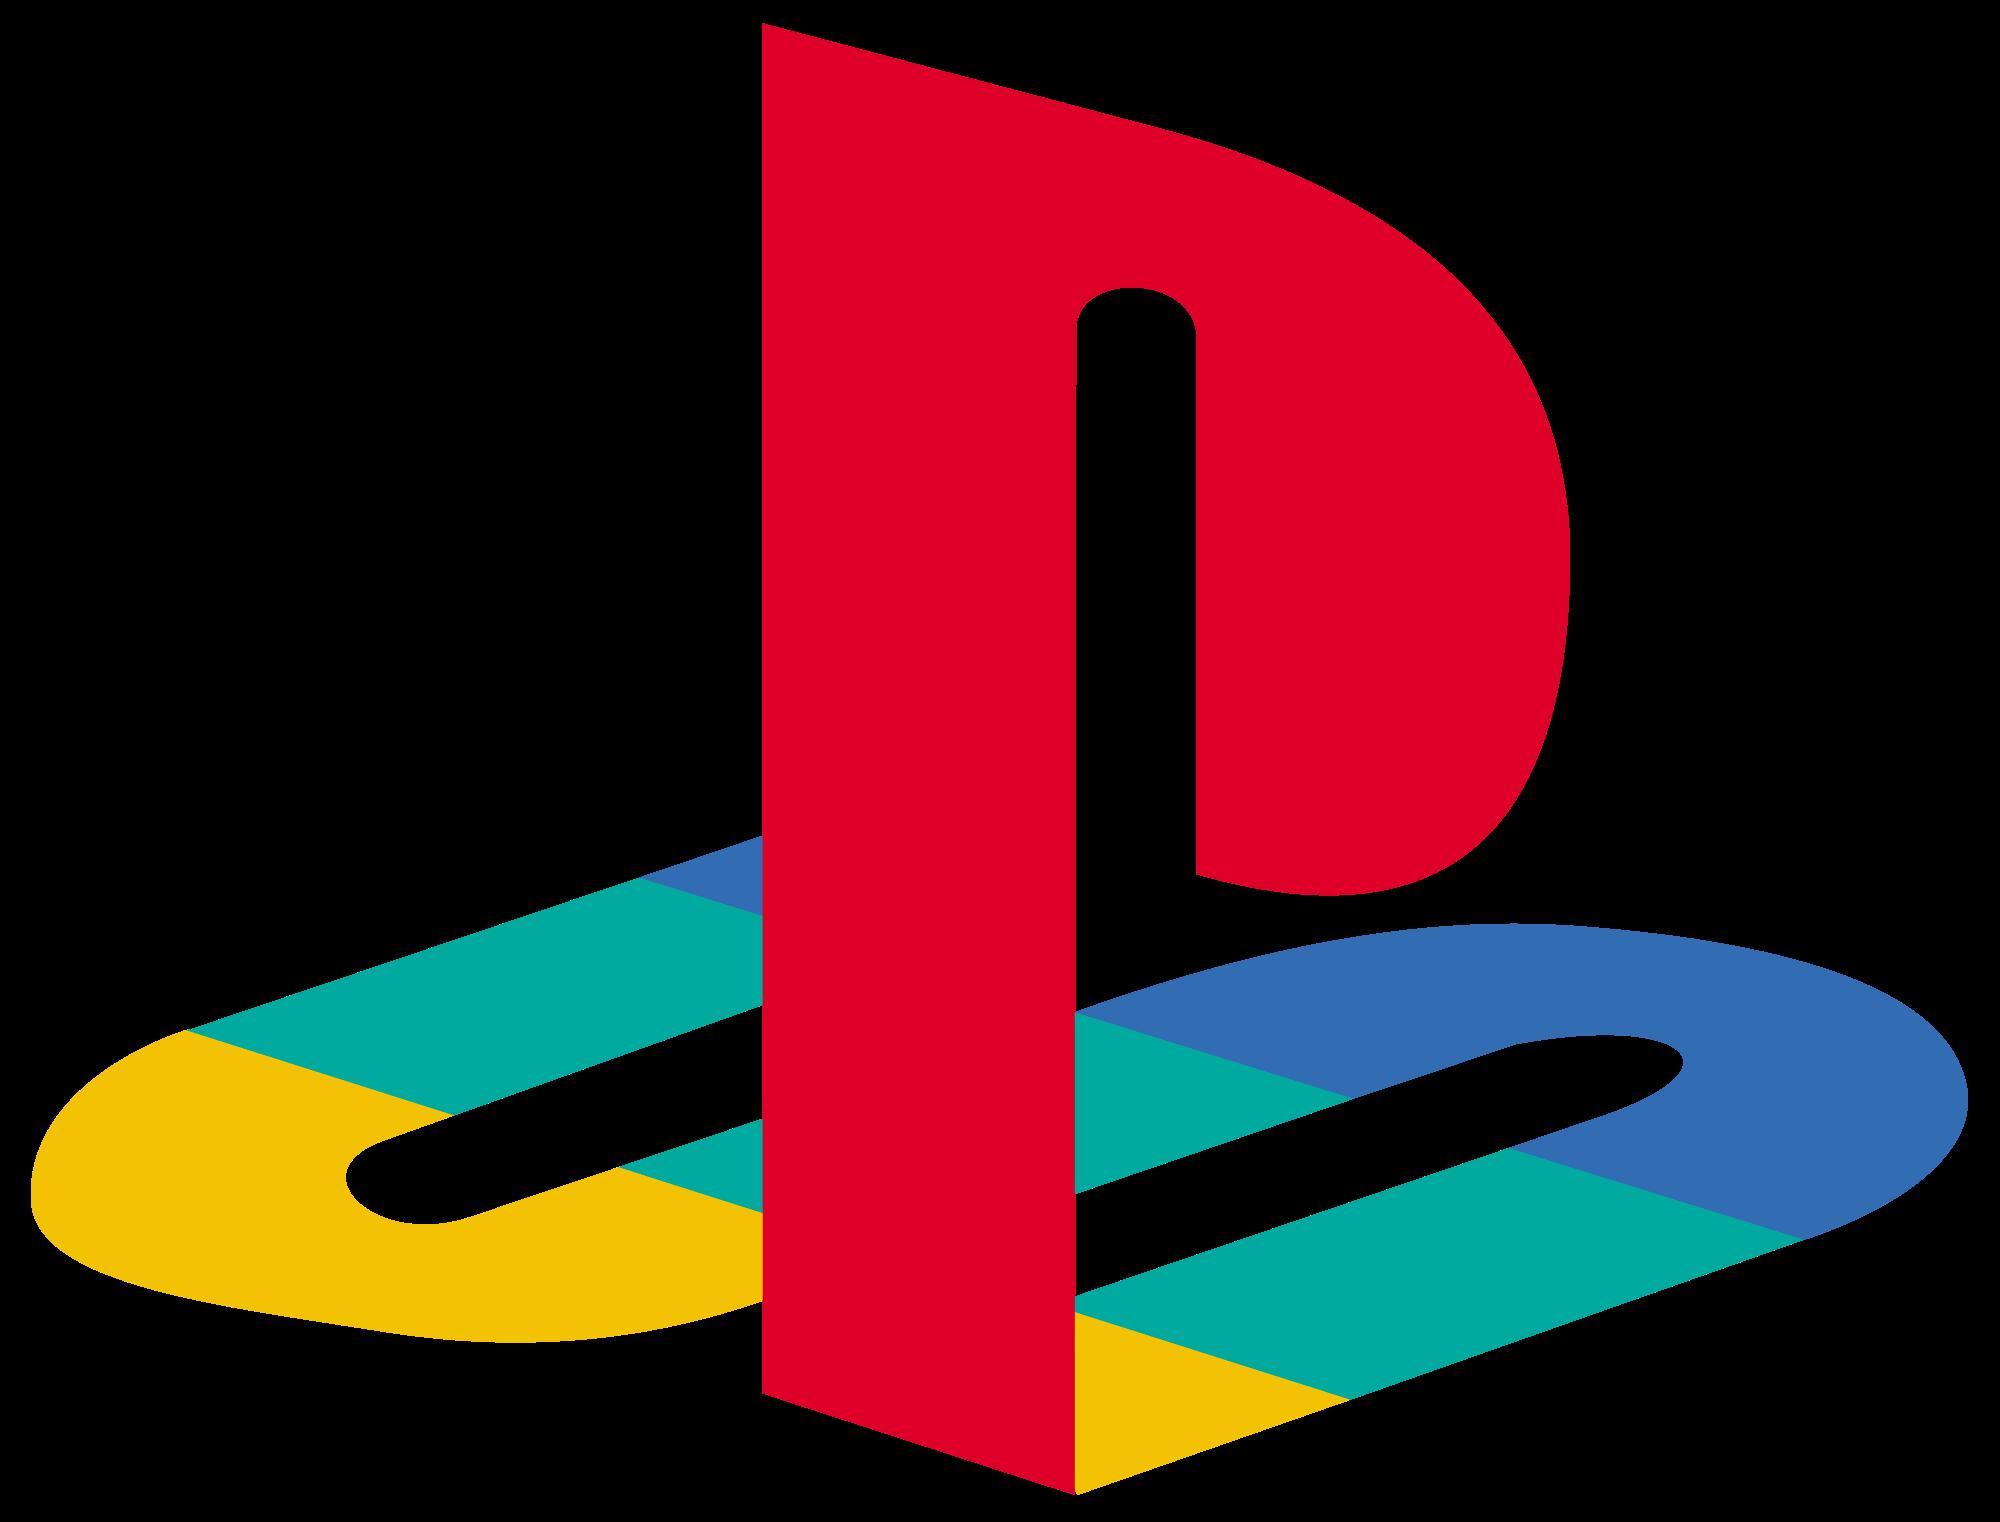 Symbol clipart playstation Playstation PNG PNG Playstation Mart